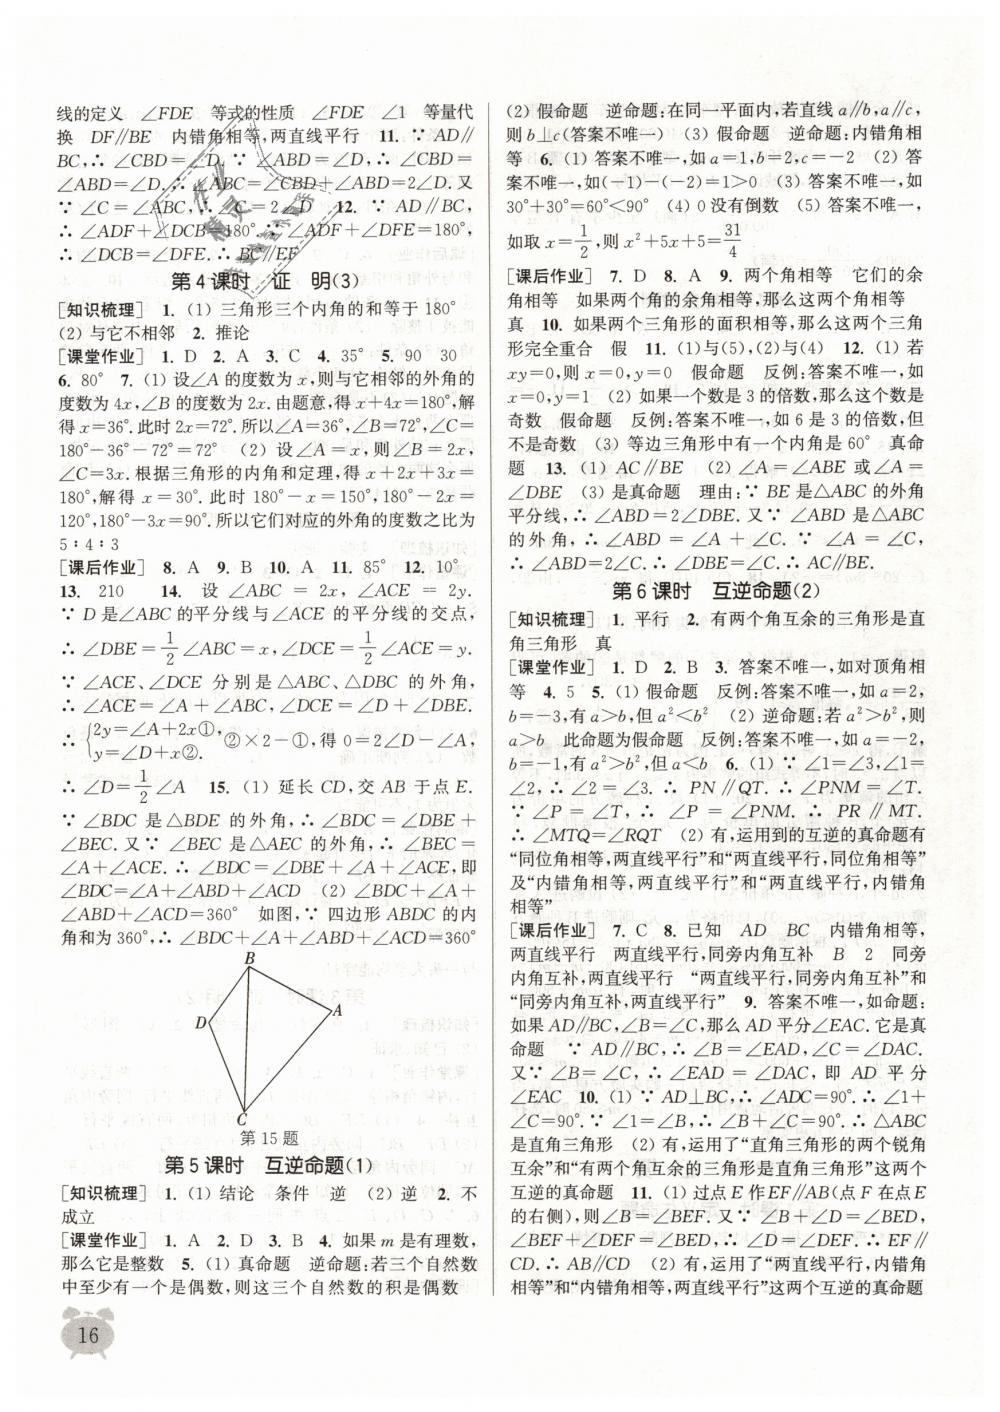 2019年通城学典课时作业本七年级数学下册苏科版江苏专用第16页